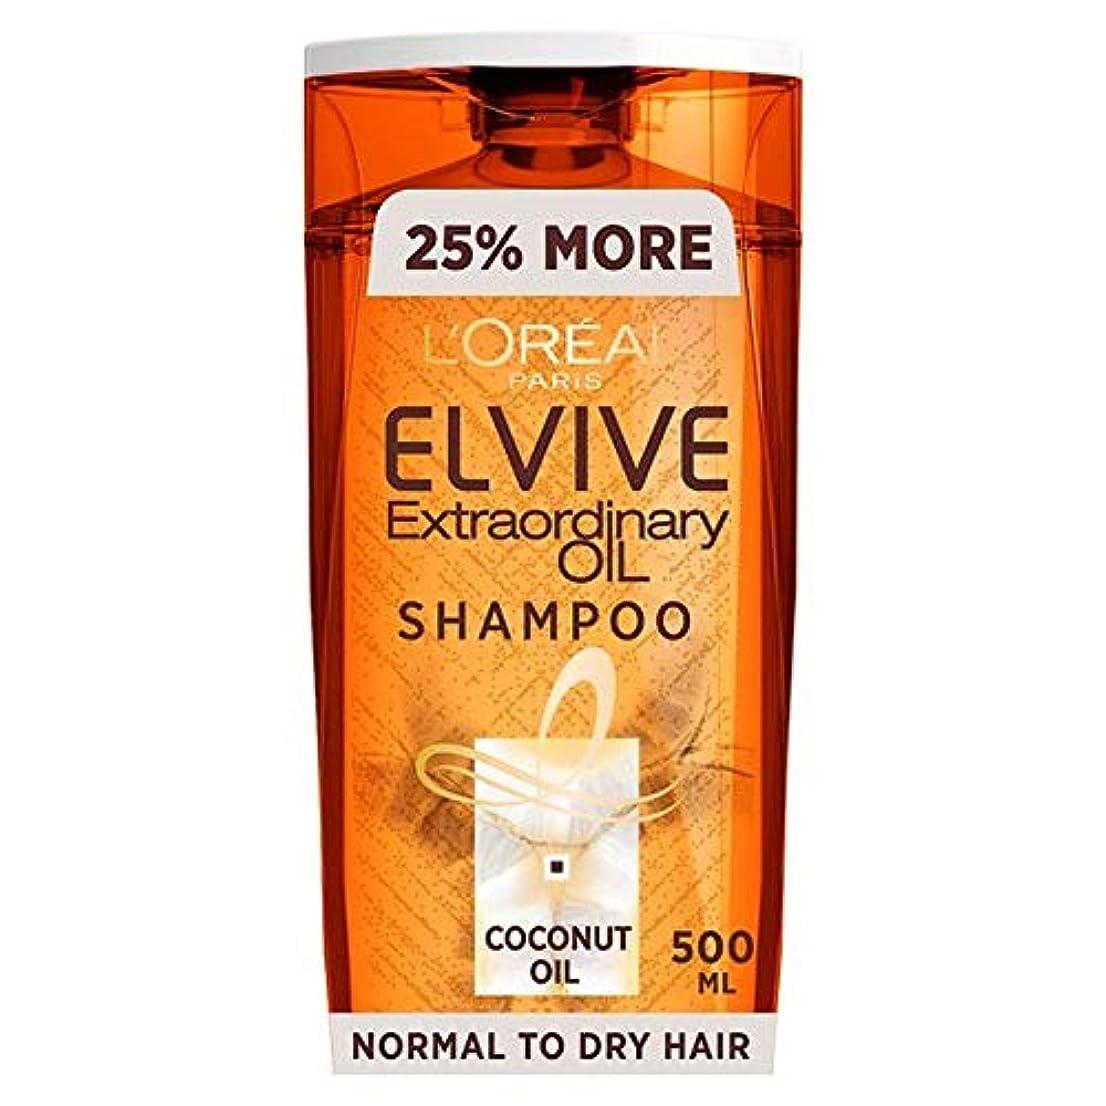 トレイドームデンプシー[Elvive] ロレアルElvive臨時ヤシ油シャンプー500ミリリットル - L'oreal Elvive Extraordinary Coconut Oil Shampoo 500Ml [並行輸入品]